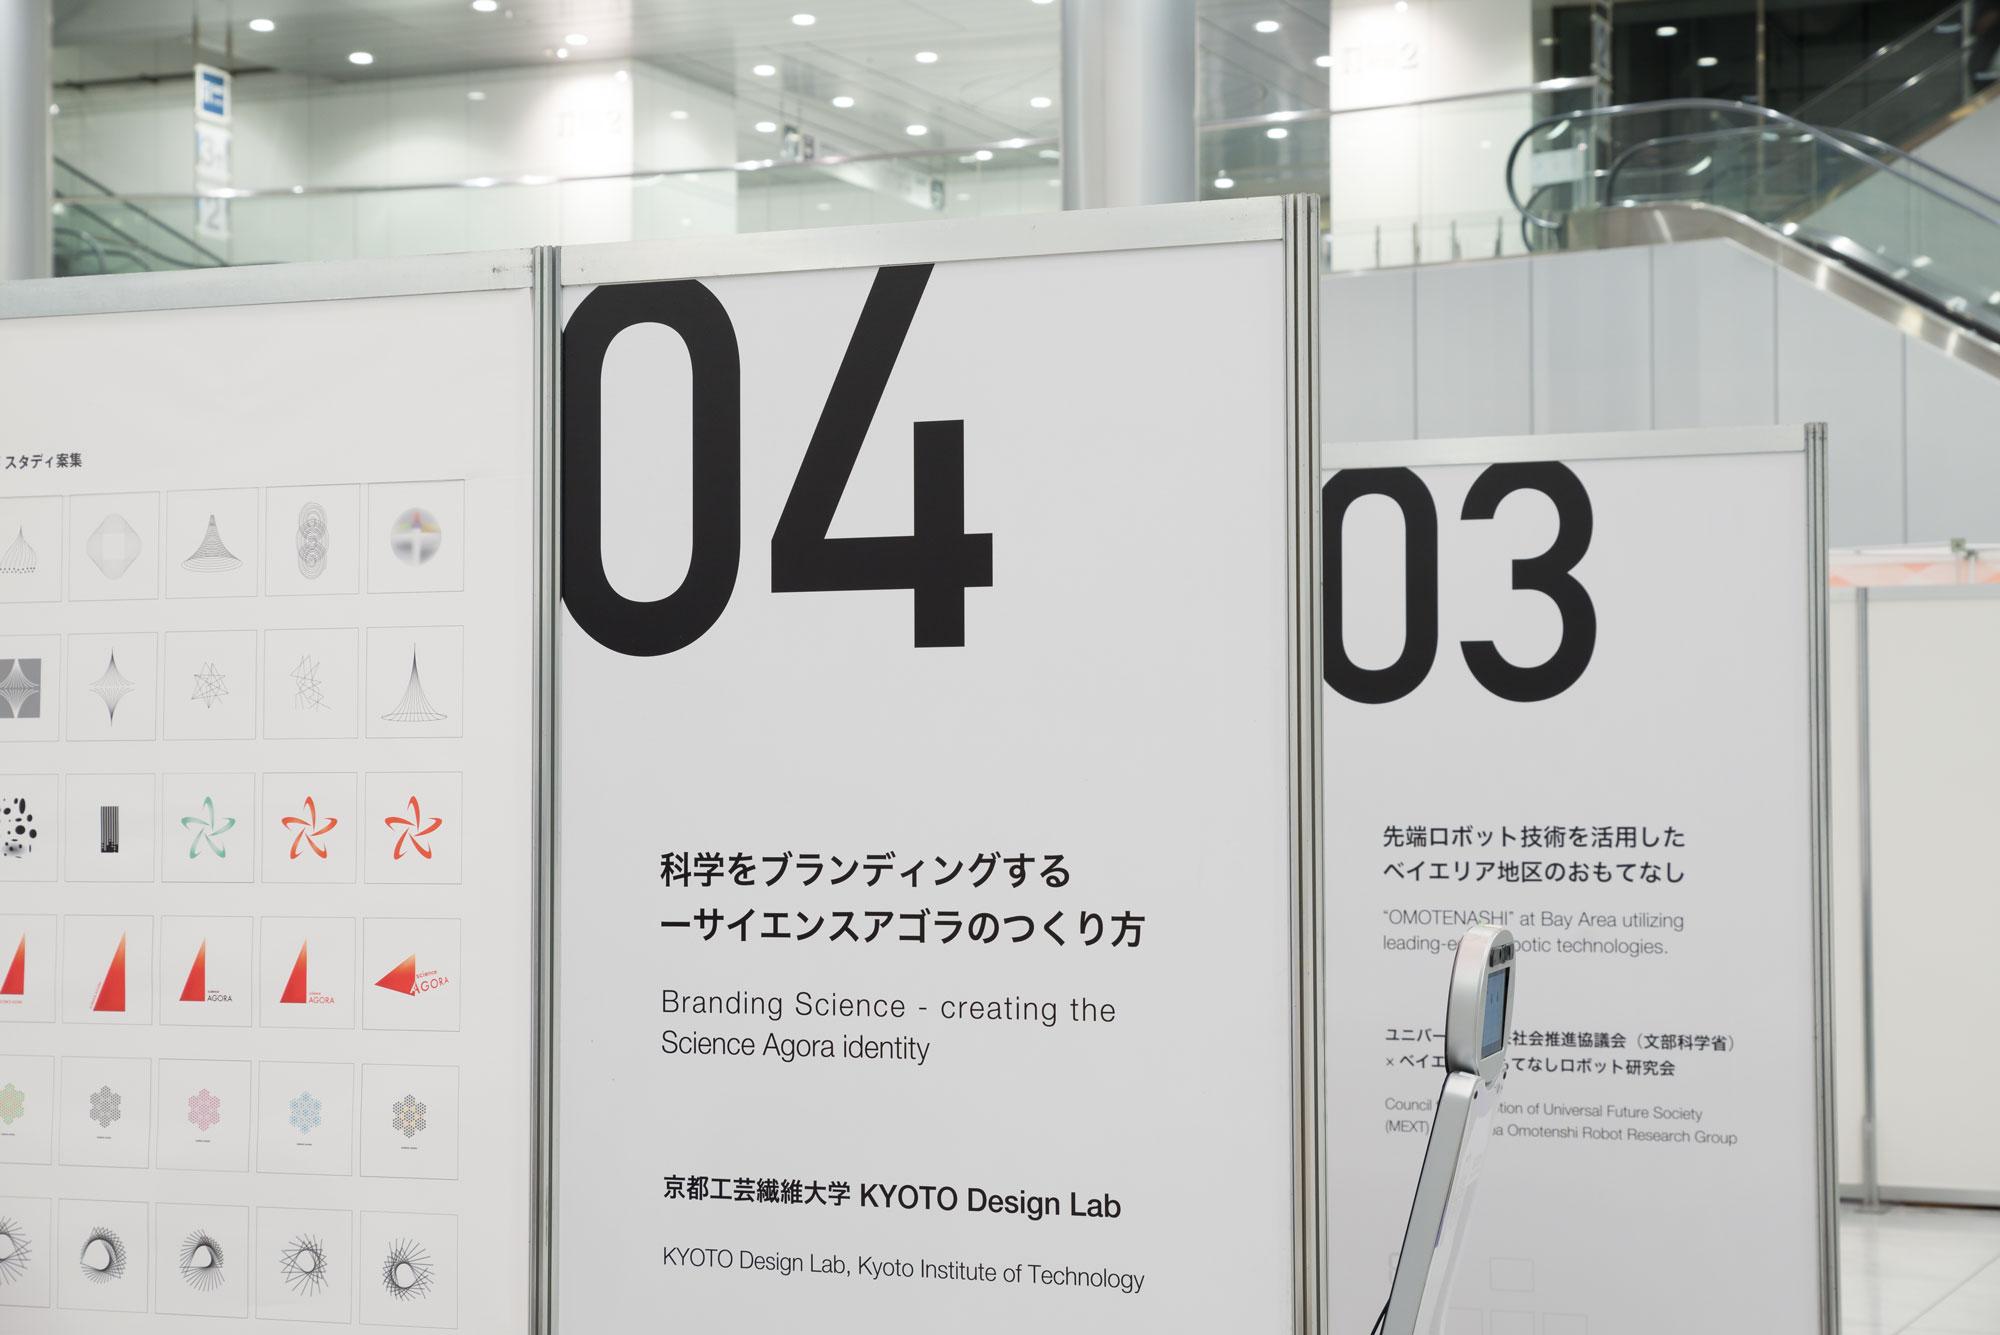 産学官の有機的な連携 - KYOTO Design Lab